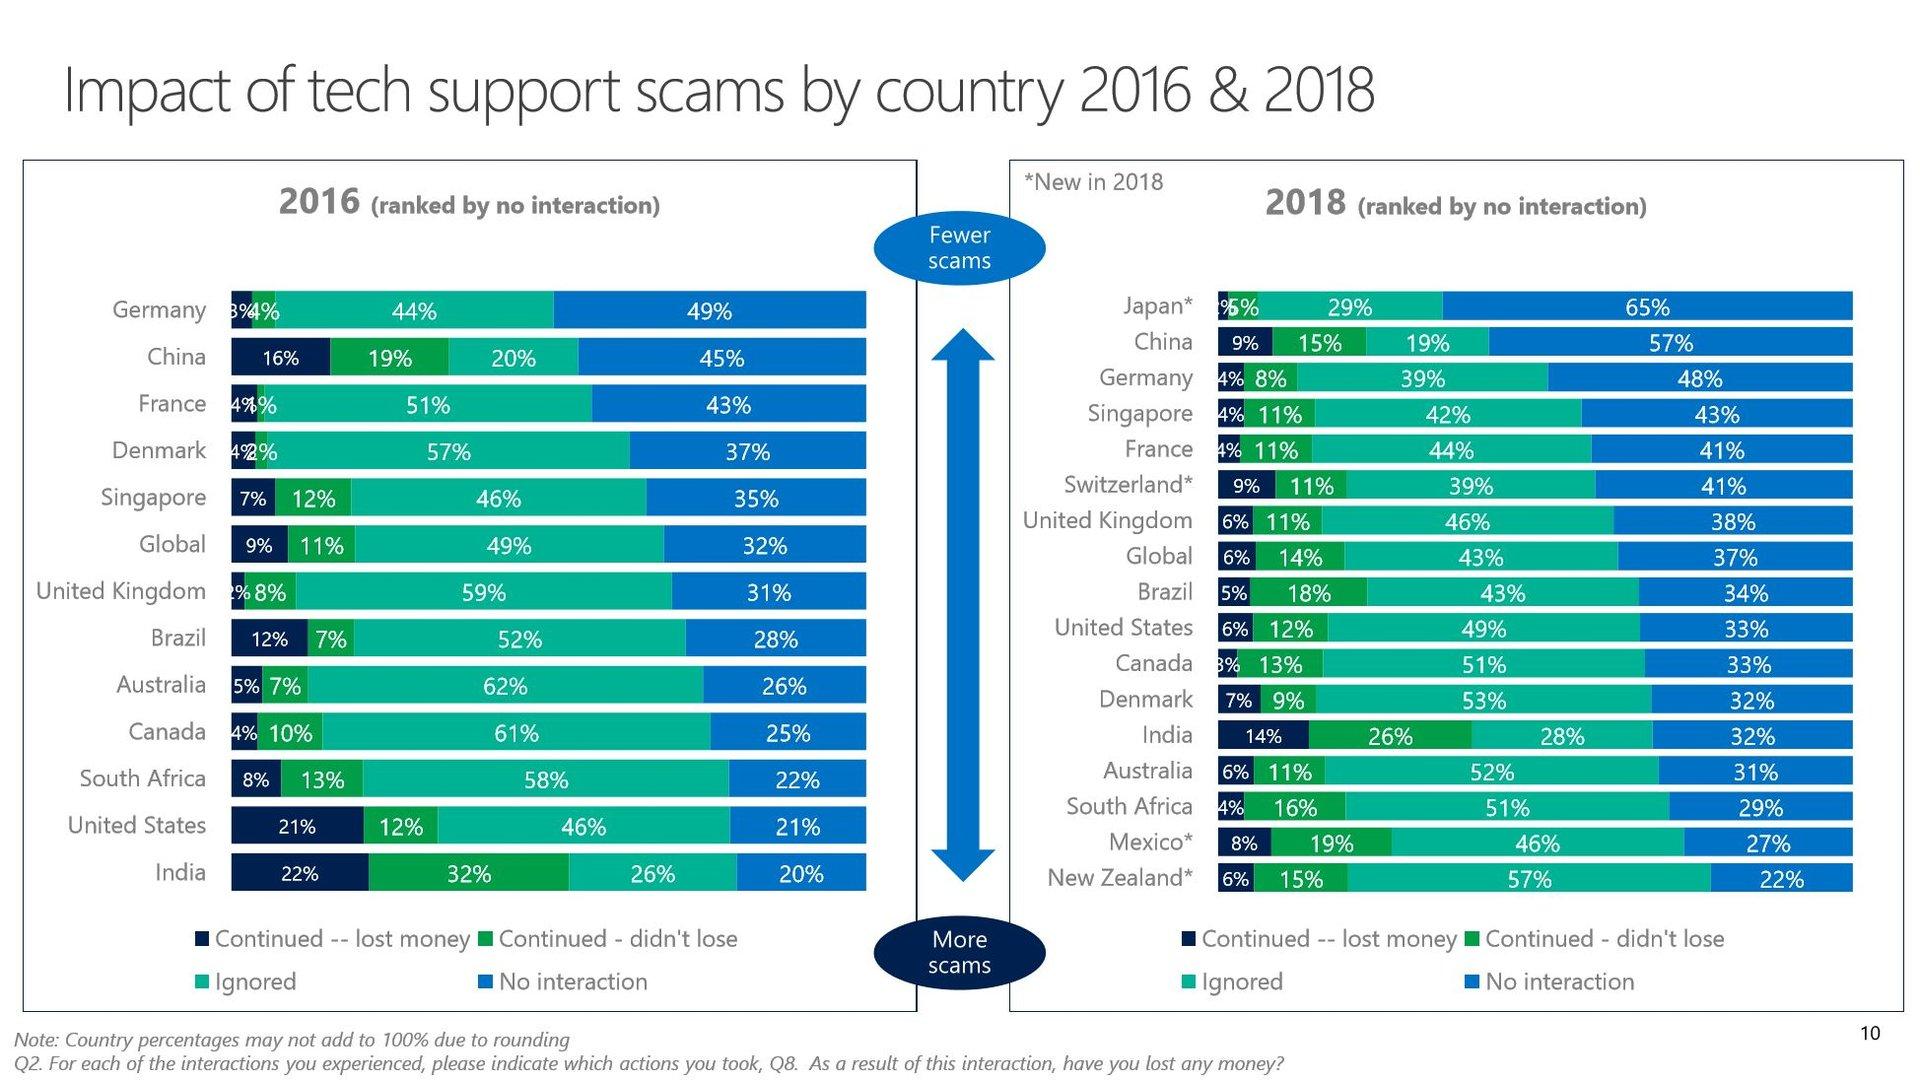 Ausgang versuchten Internetbetrugs in 2016 und 2018, weltweit